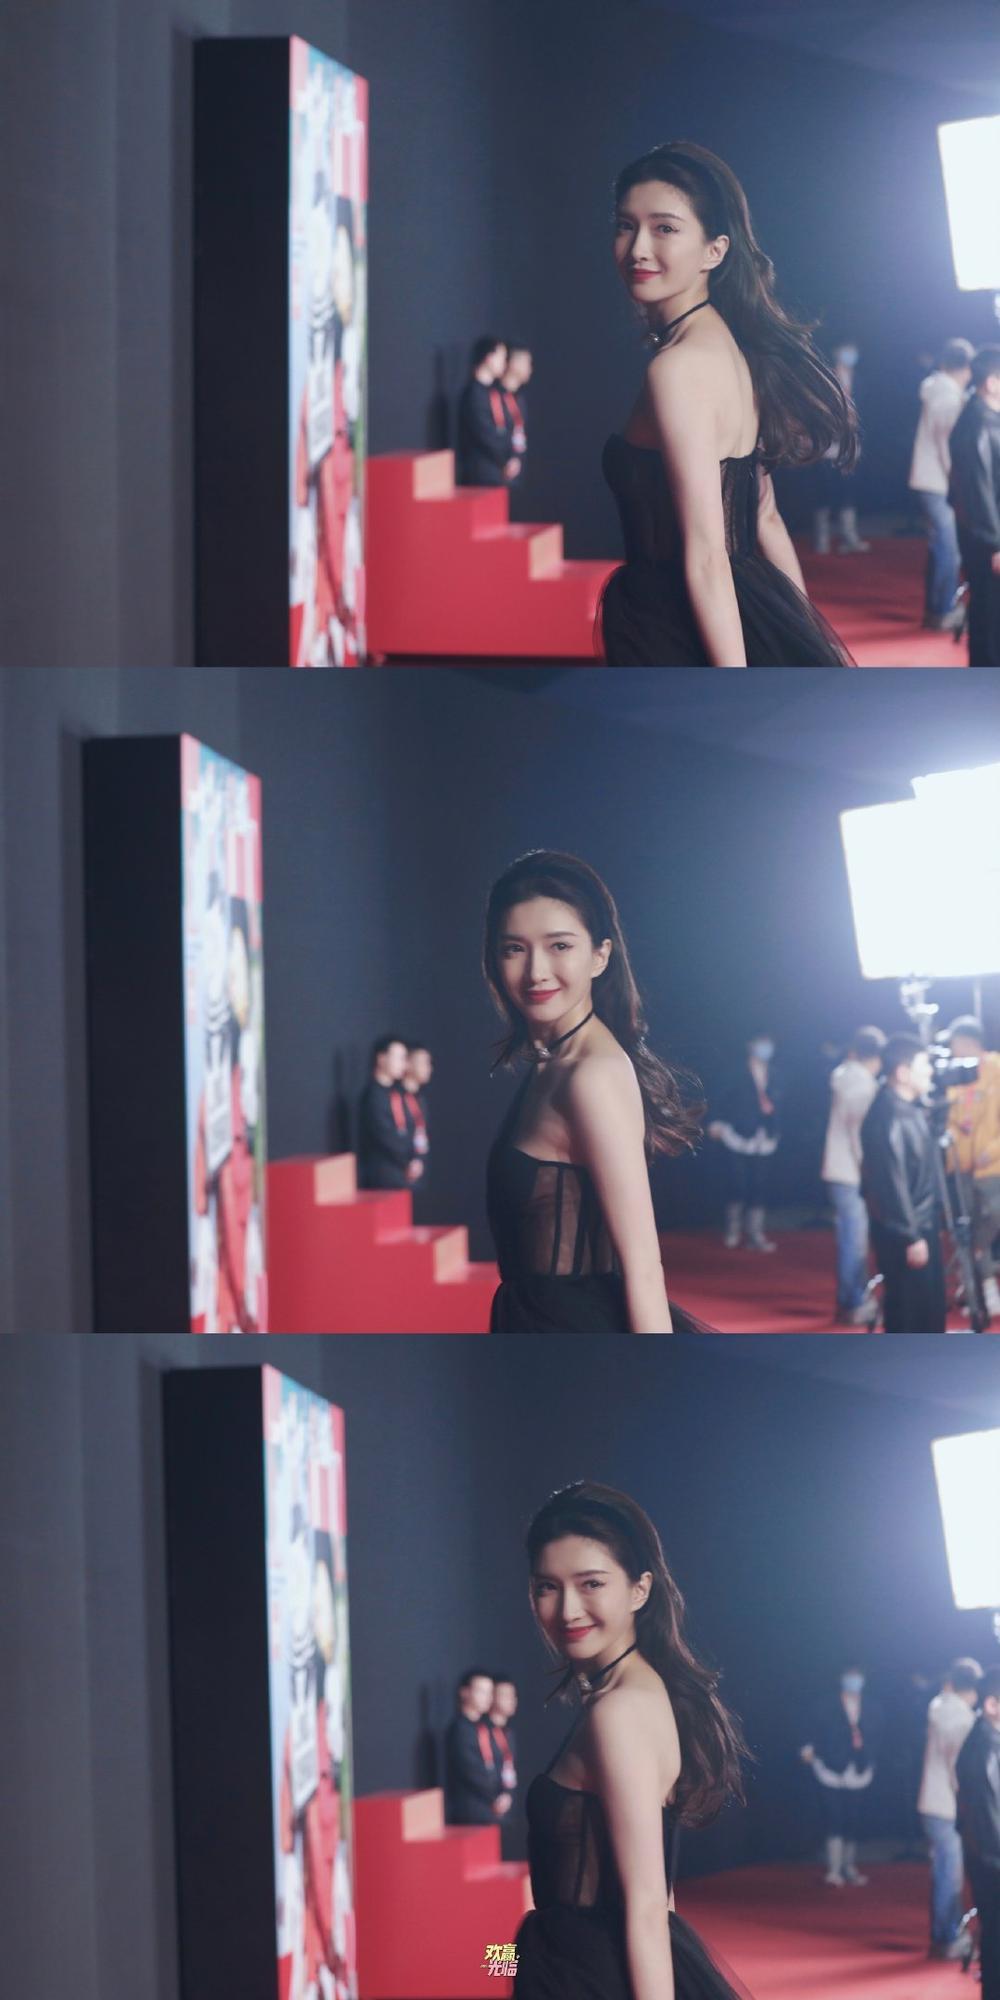 Thảm đỏ 'Đêm hội ELLE 2020': Dương Mịch đọ sắc Đường Yên - Cổ Lực Na Trát, Giang Sở Ảnh diện váy xuyên thấu Ảnh 56